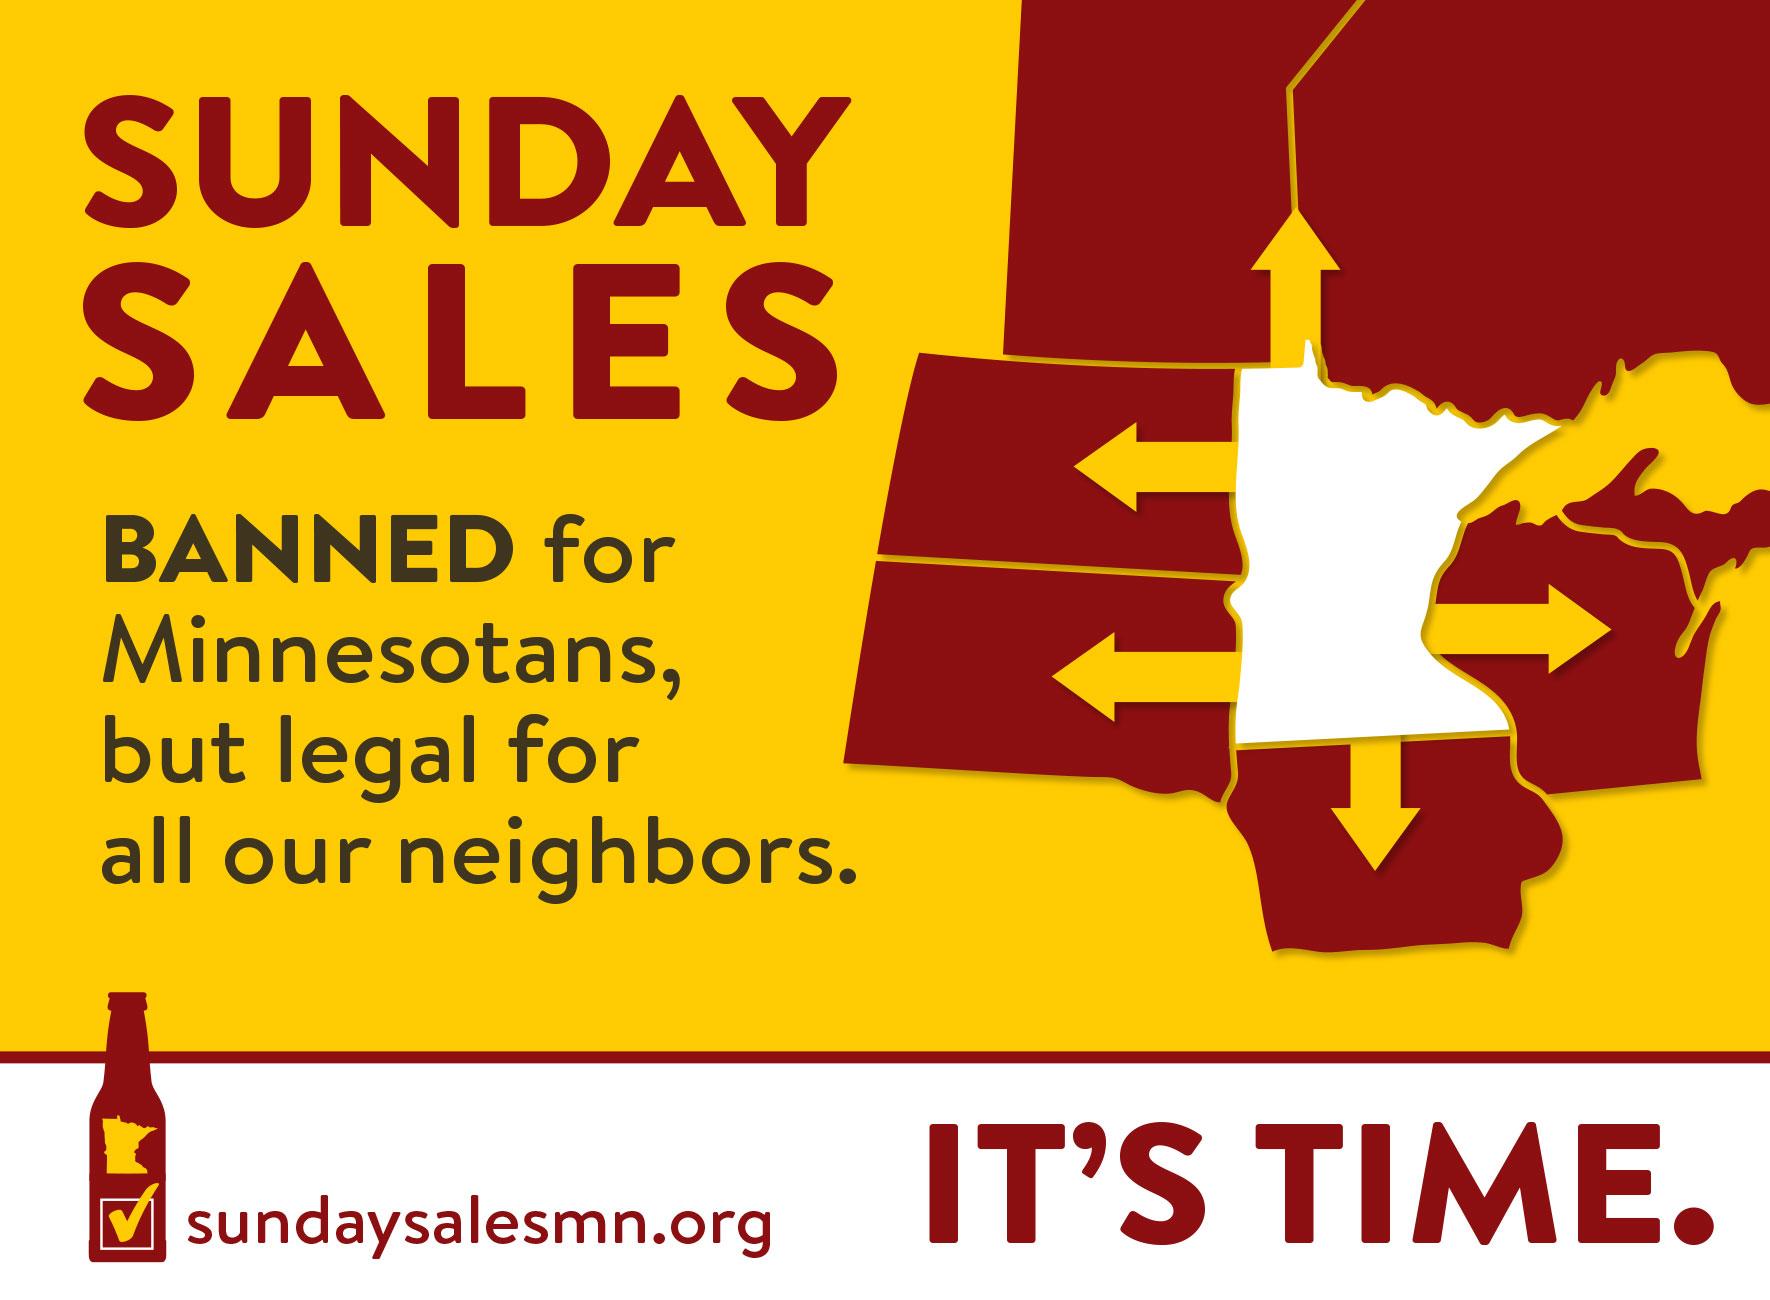 Sunday Liquor Sales #SundaySalesMN #ItsTime #MnLeg